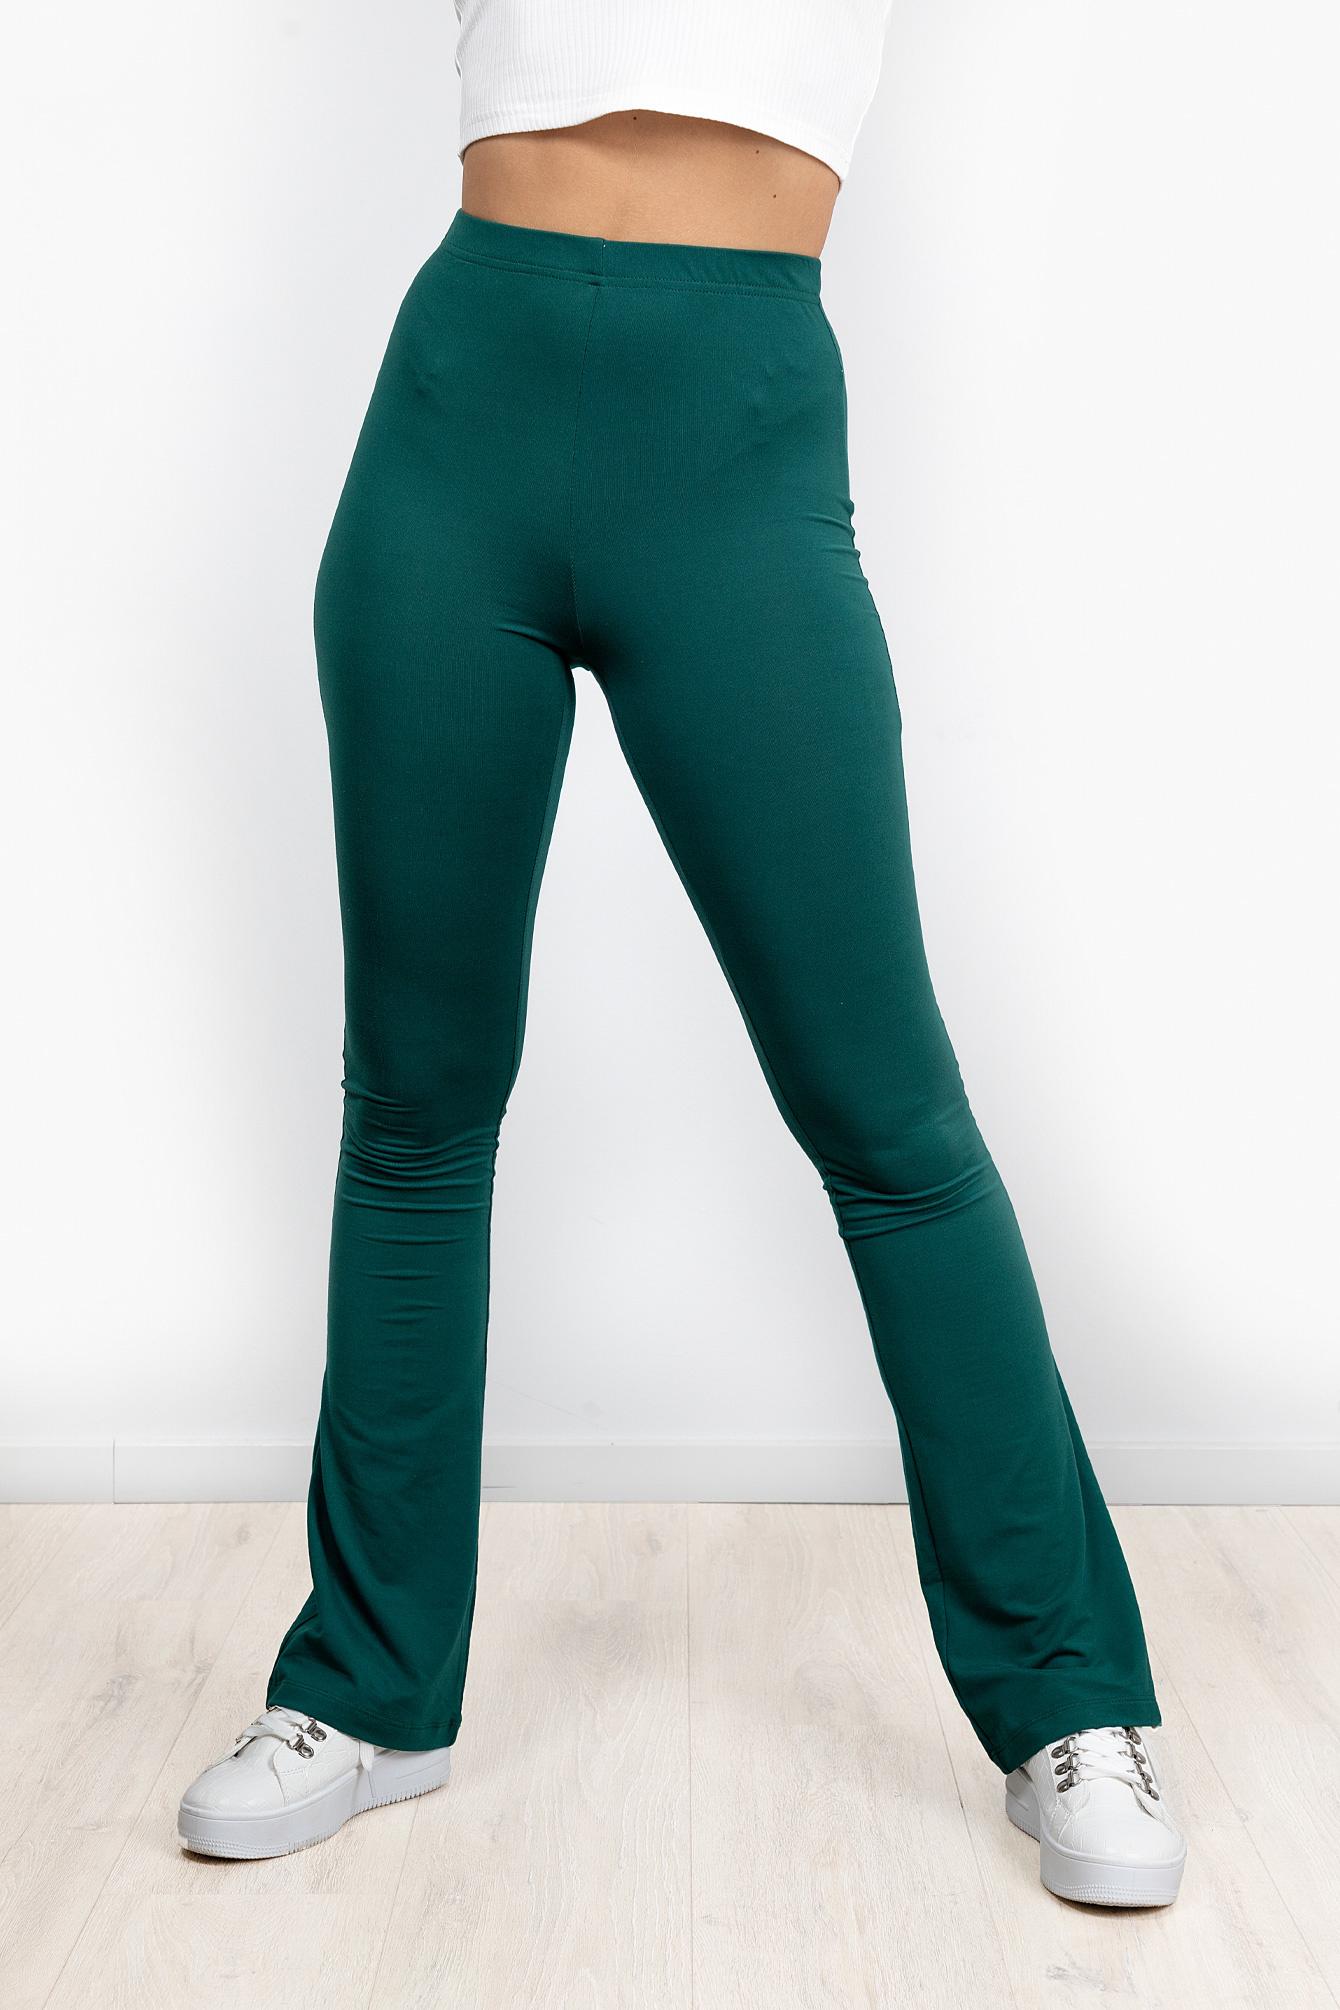 Flare broek Elodie groen